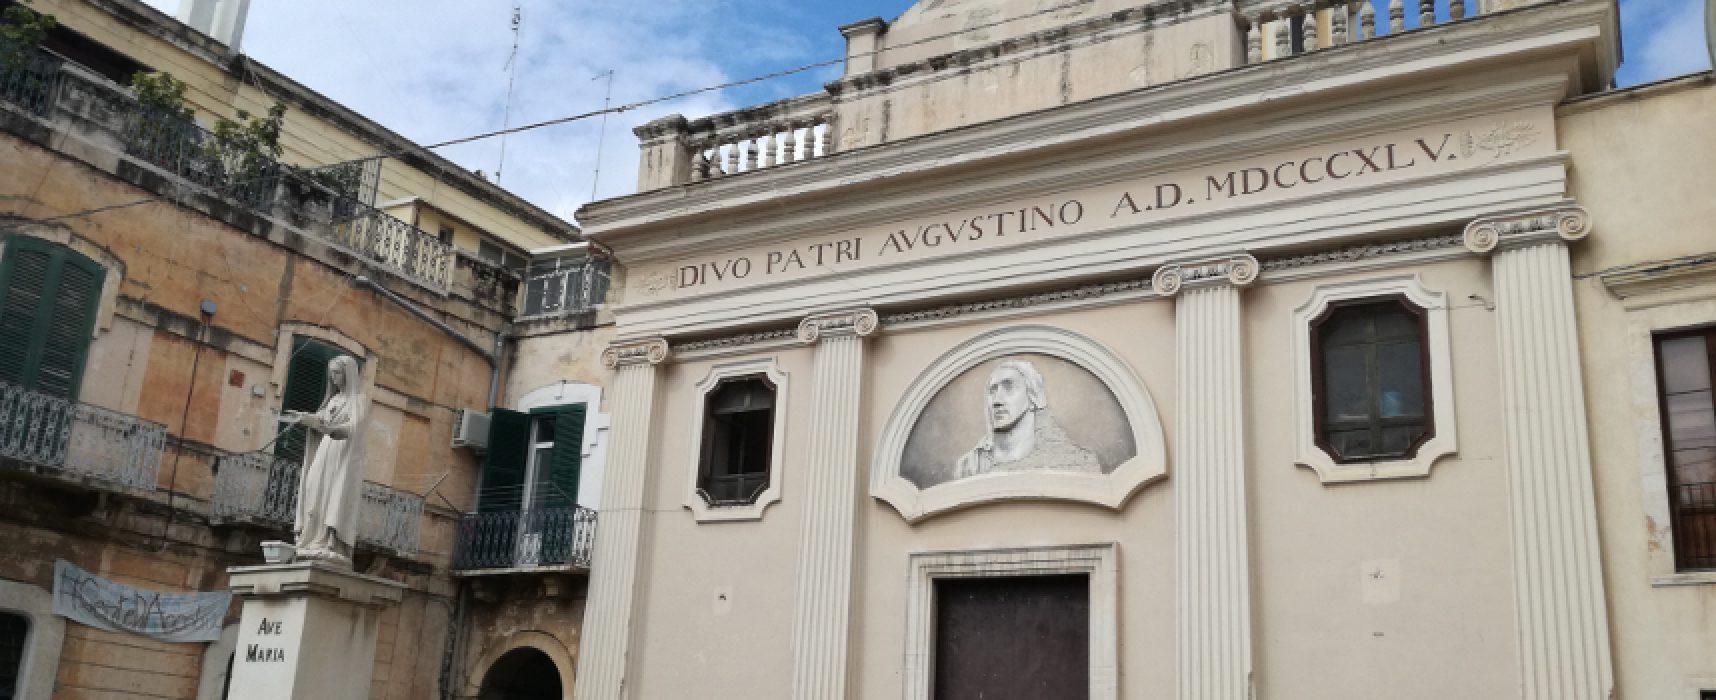 Solennità di Sant'Agostino, al via le celebrazioni / PROGRAMMA